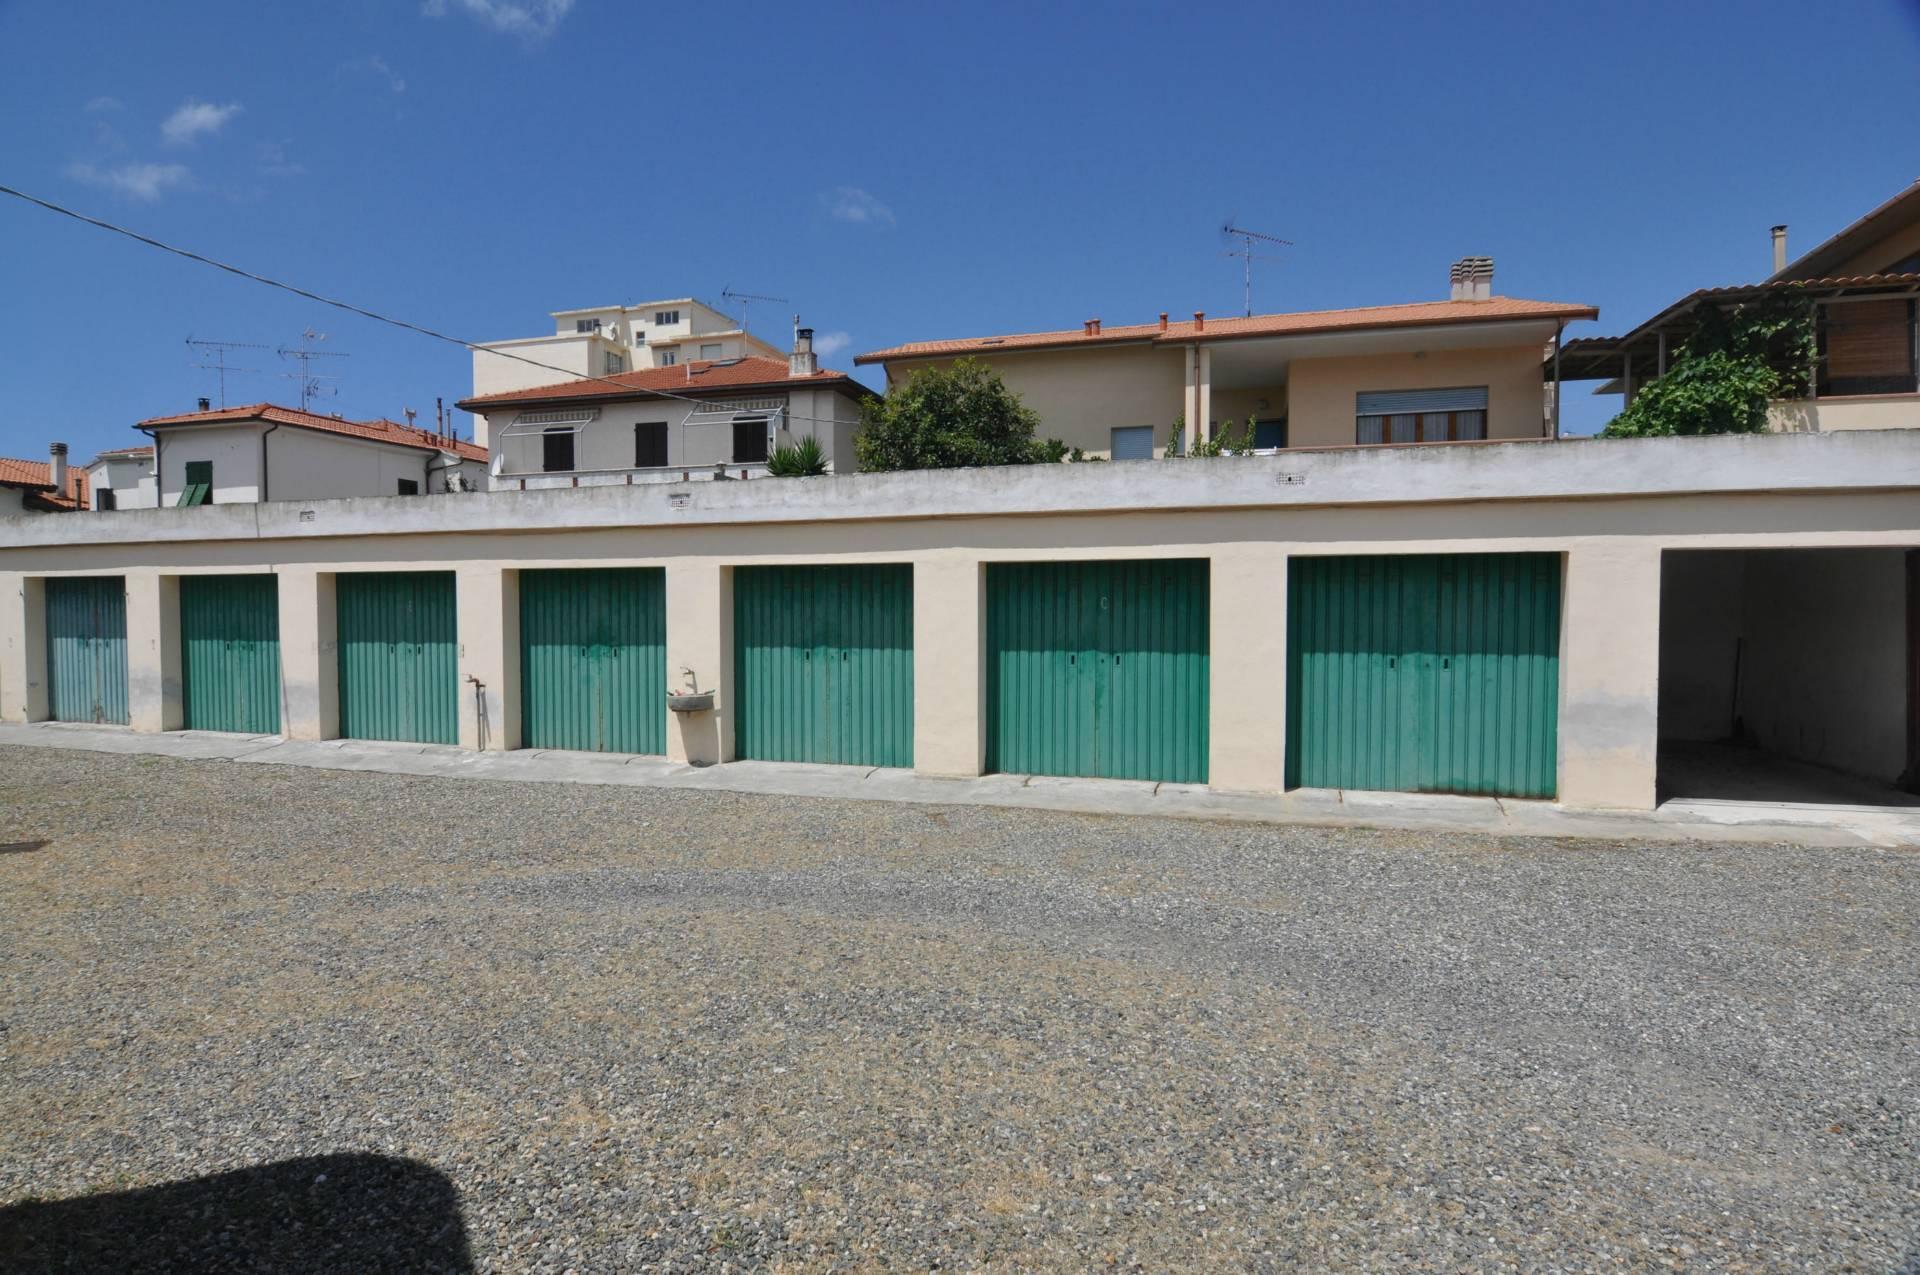 Box / Garage in vendita a Rosignano Marittimo, 1 locali, zona Località: RosignanoSolvay, prezzo € 16.000 | CambioCasa.it